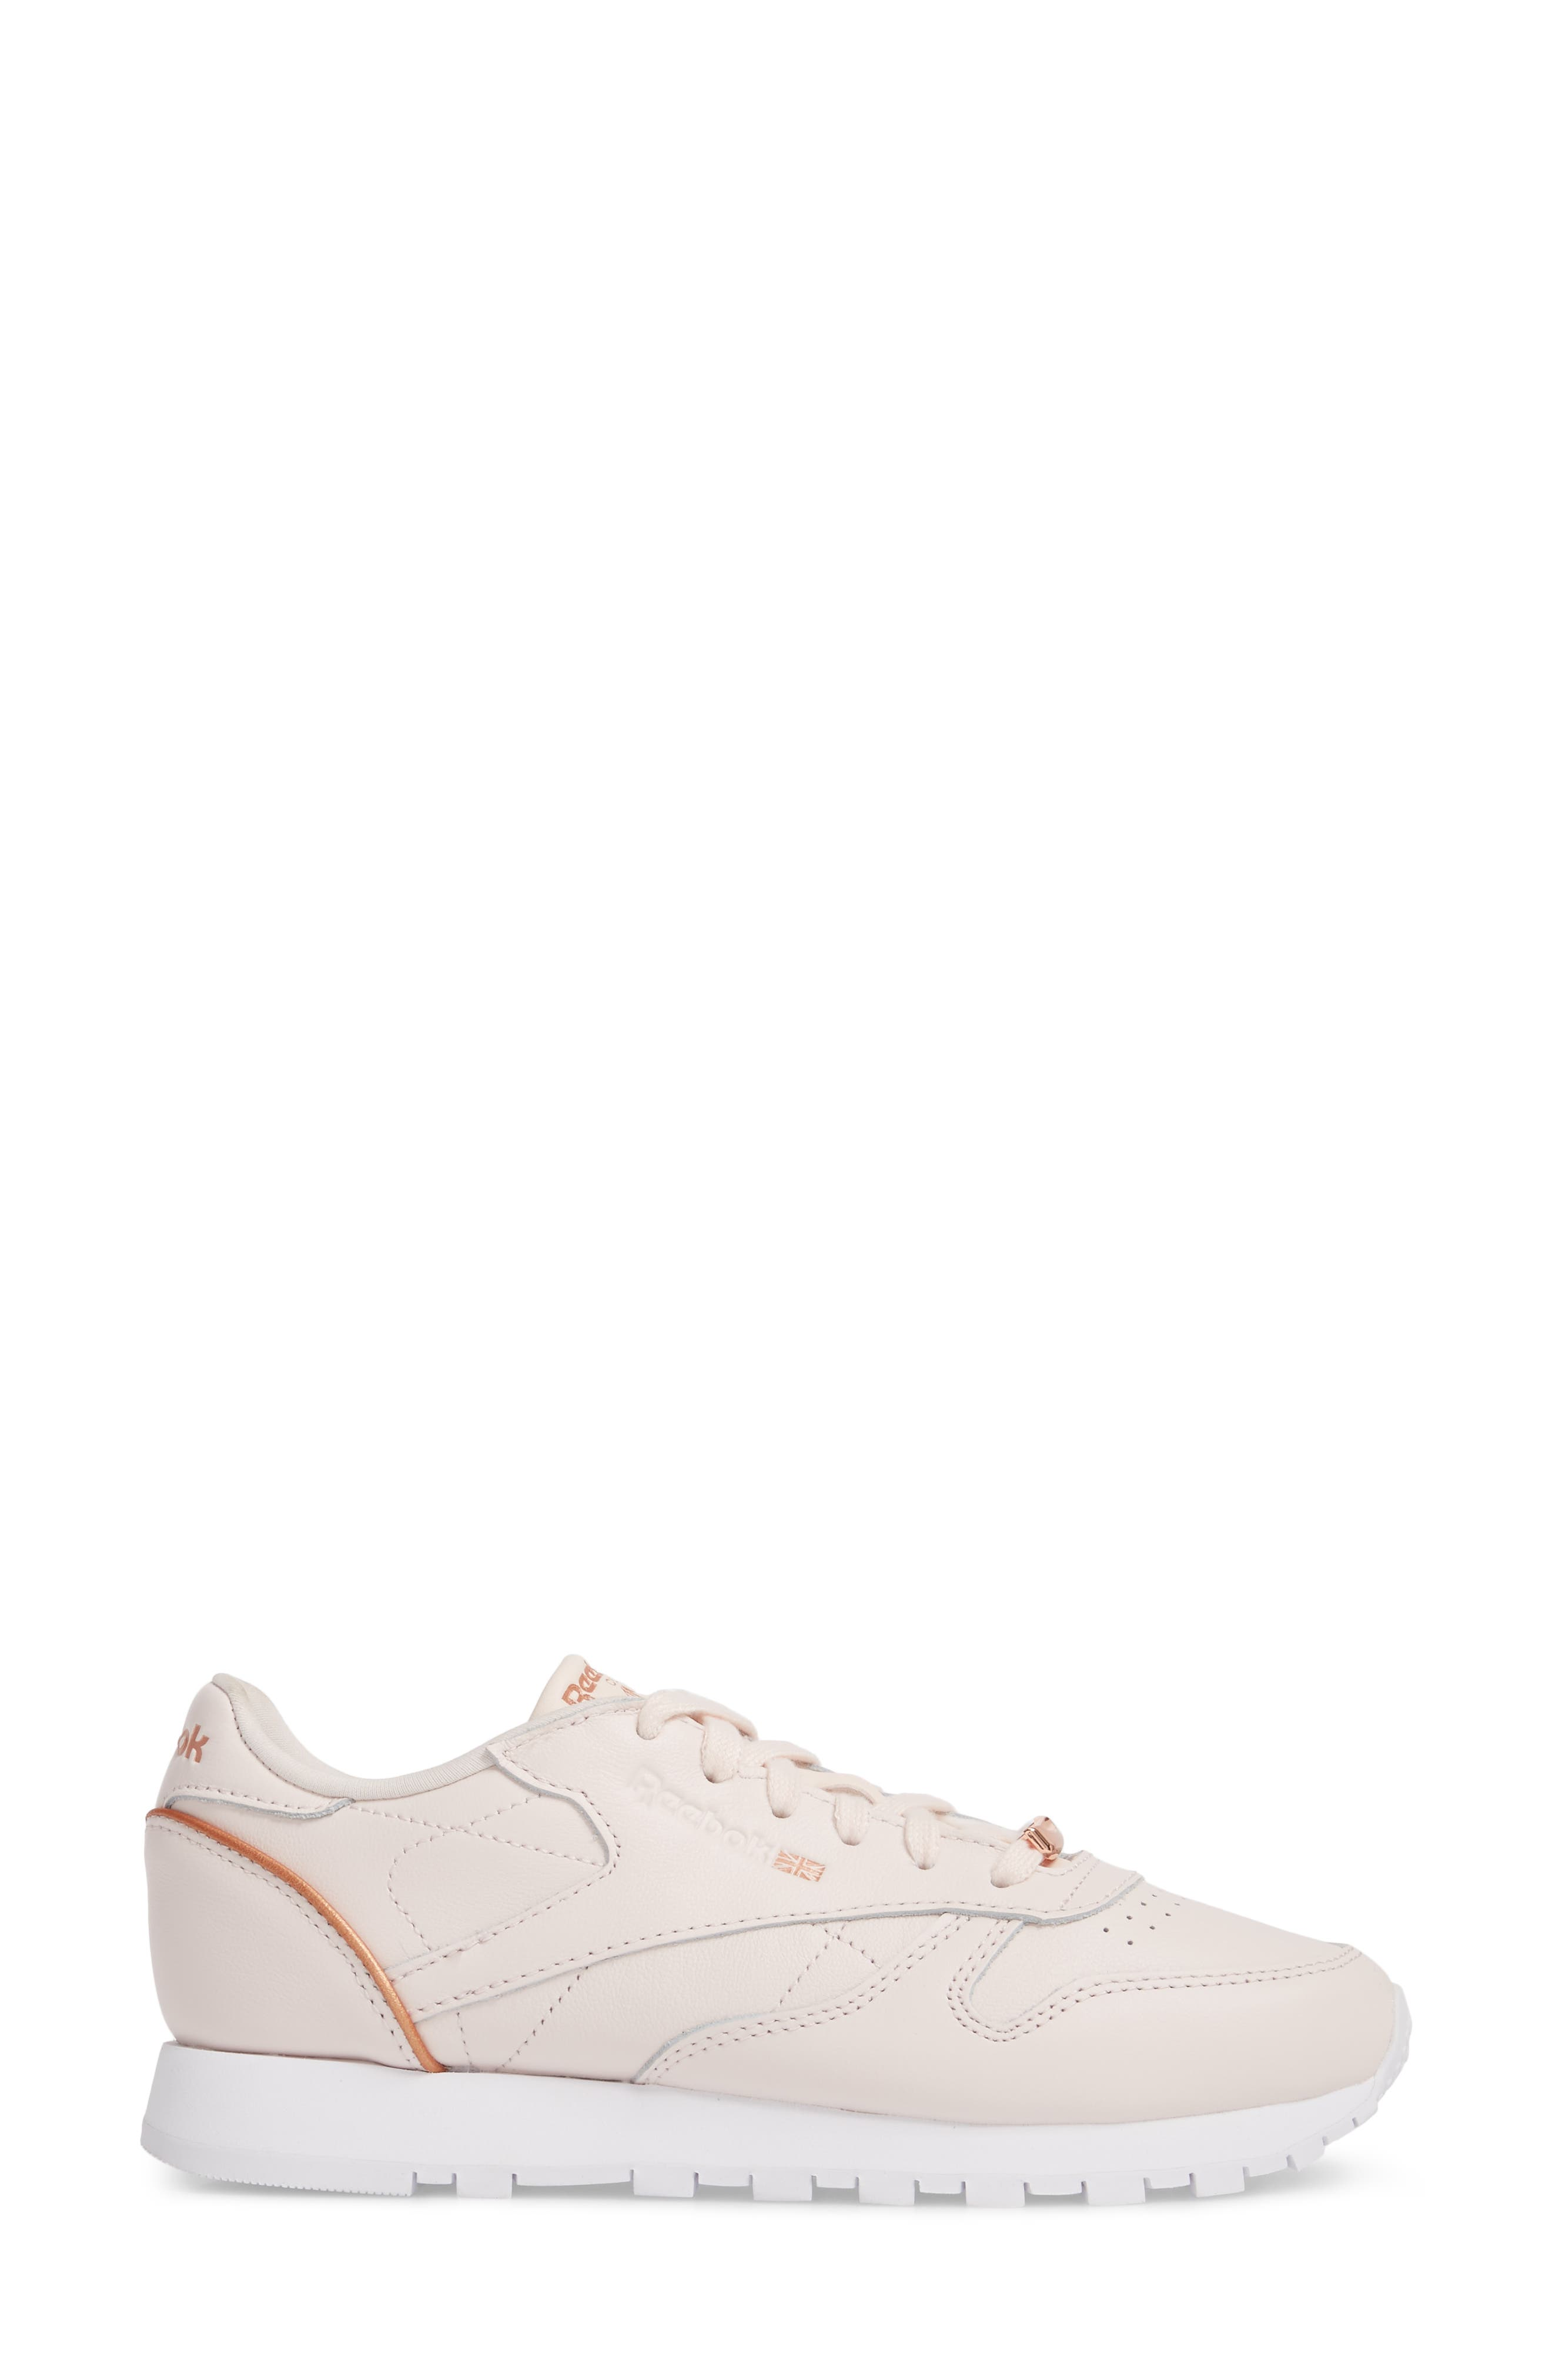 Alternate Image 3  - Reebok Classic Leather HW Sneaker (Women)